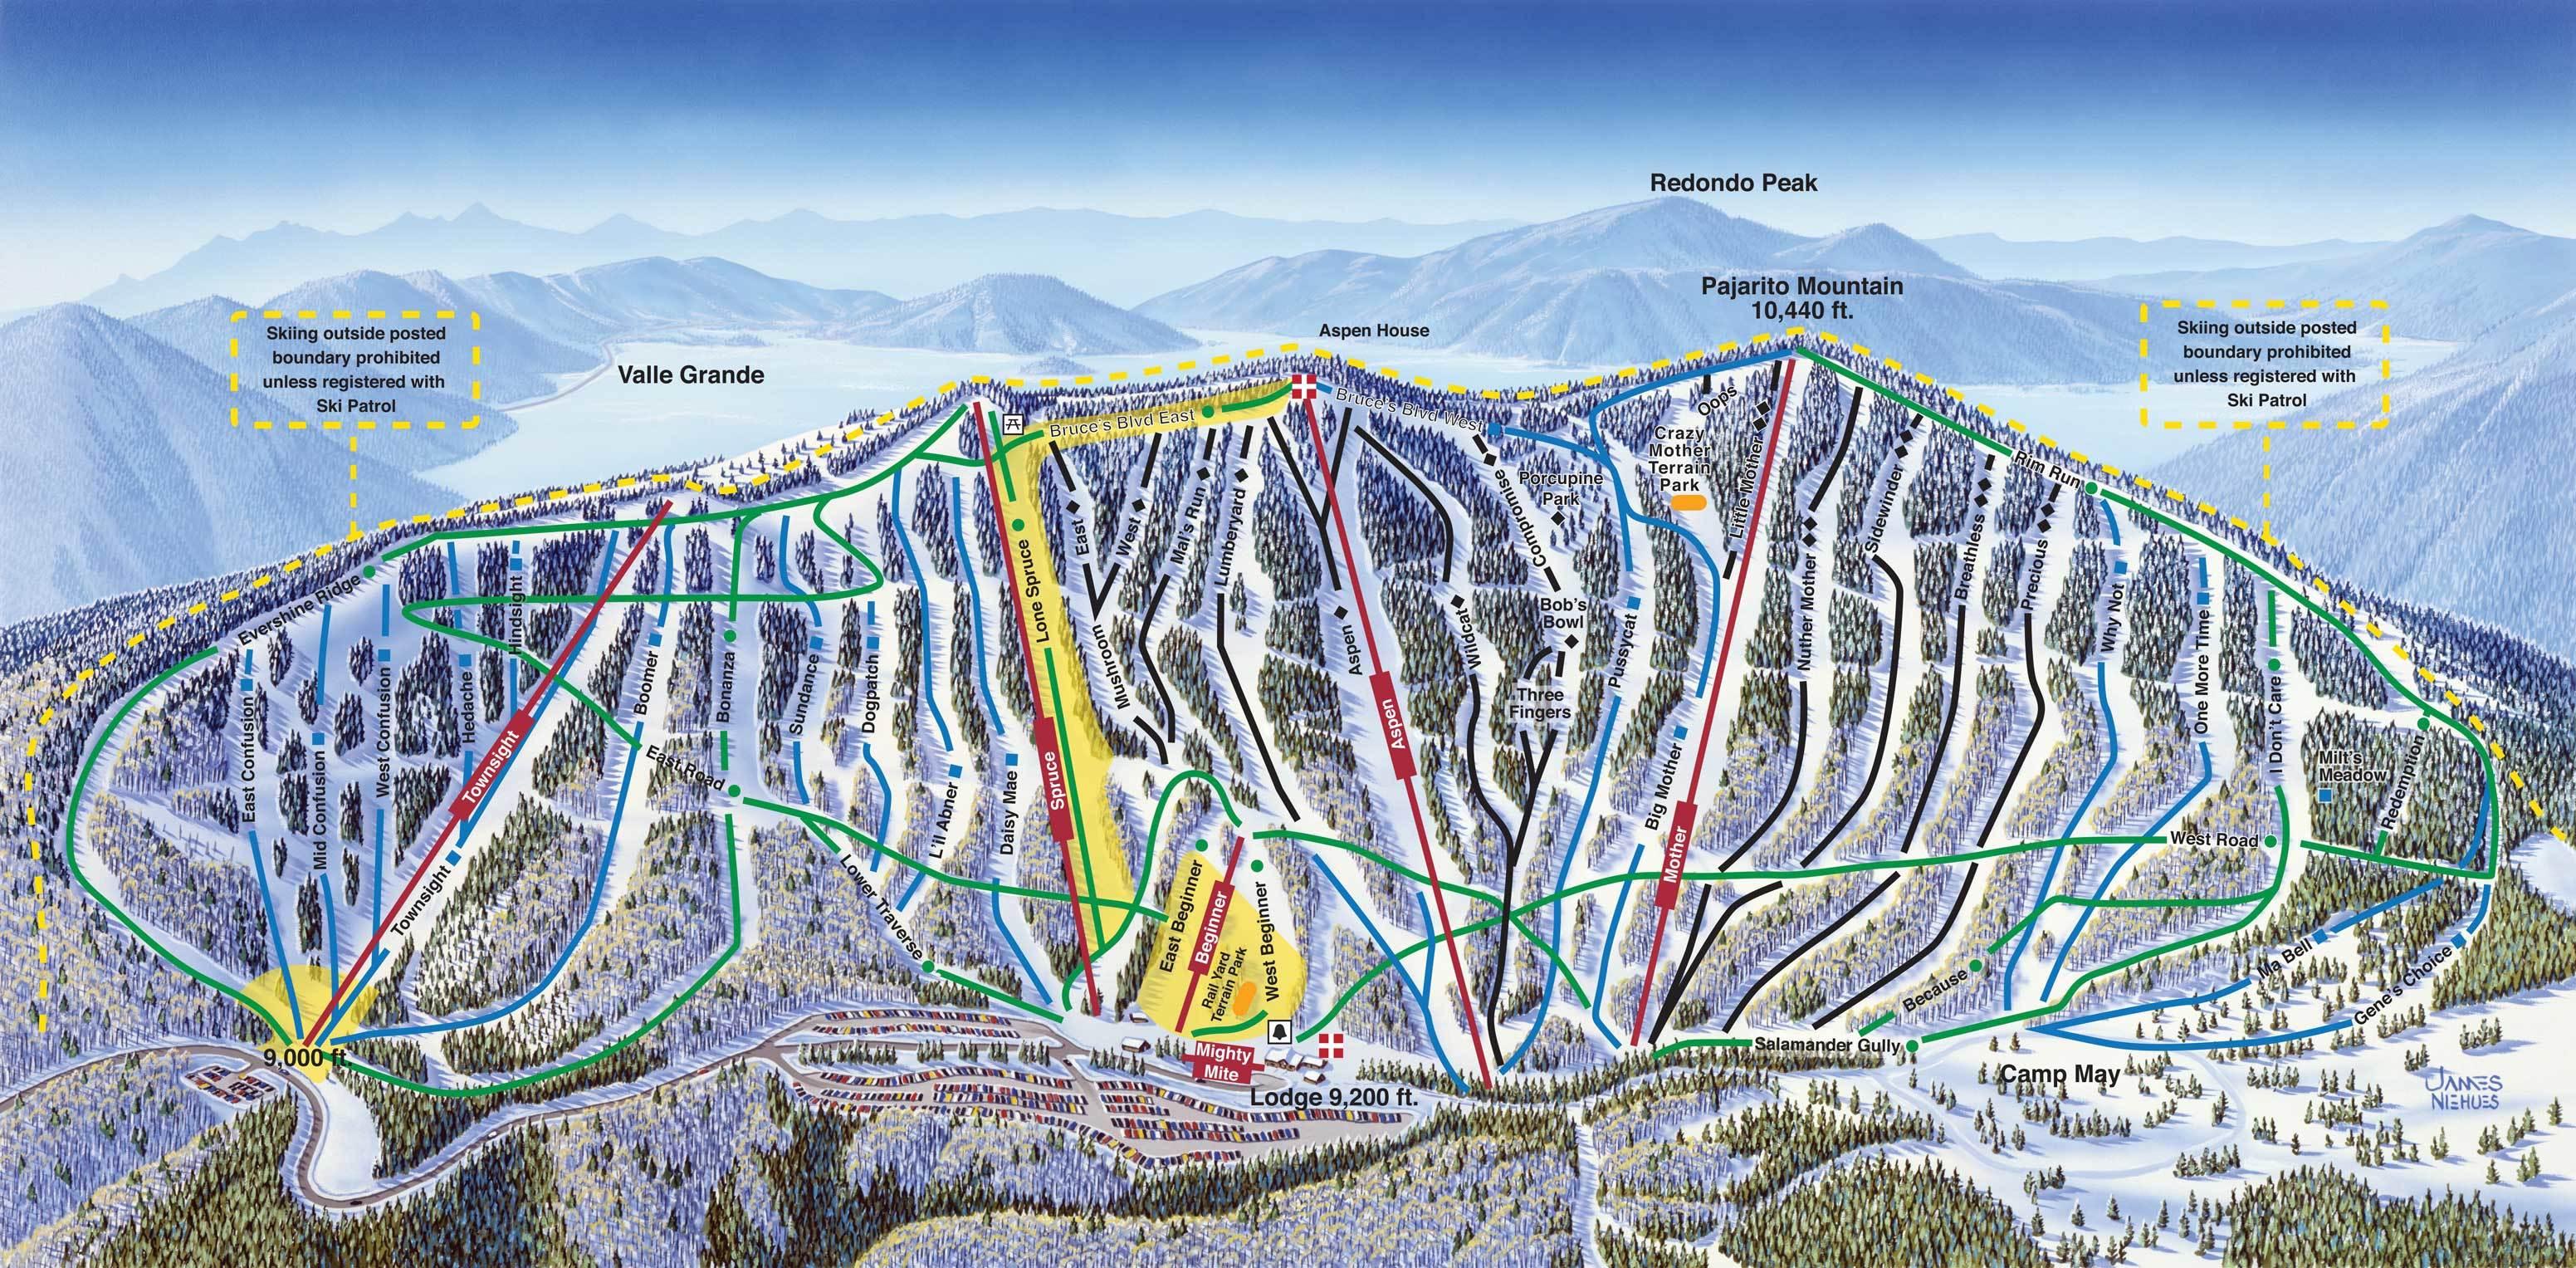 Pajarito Mountain Ski Area Trail Map Onthesnow